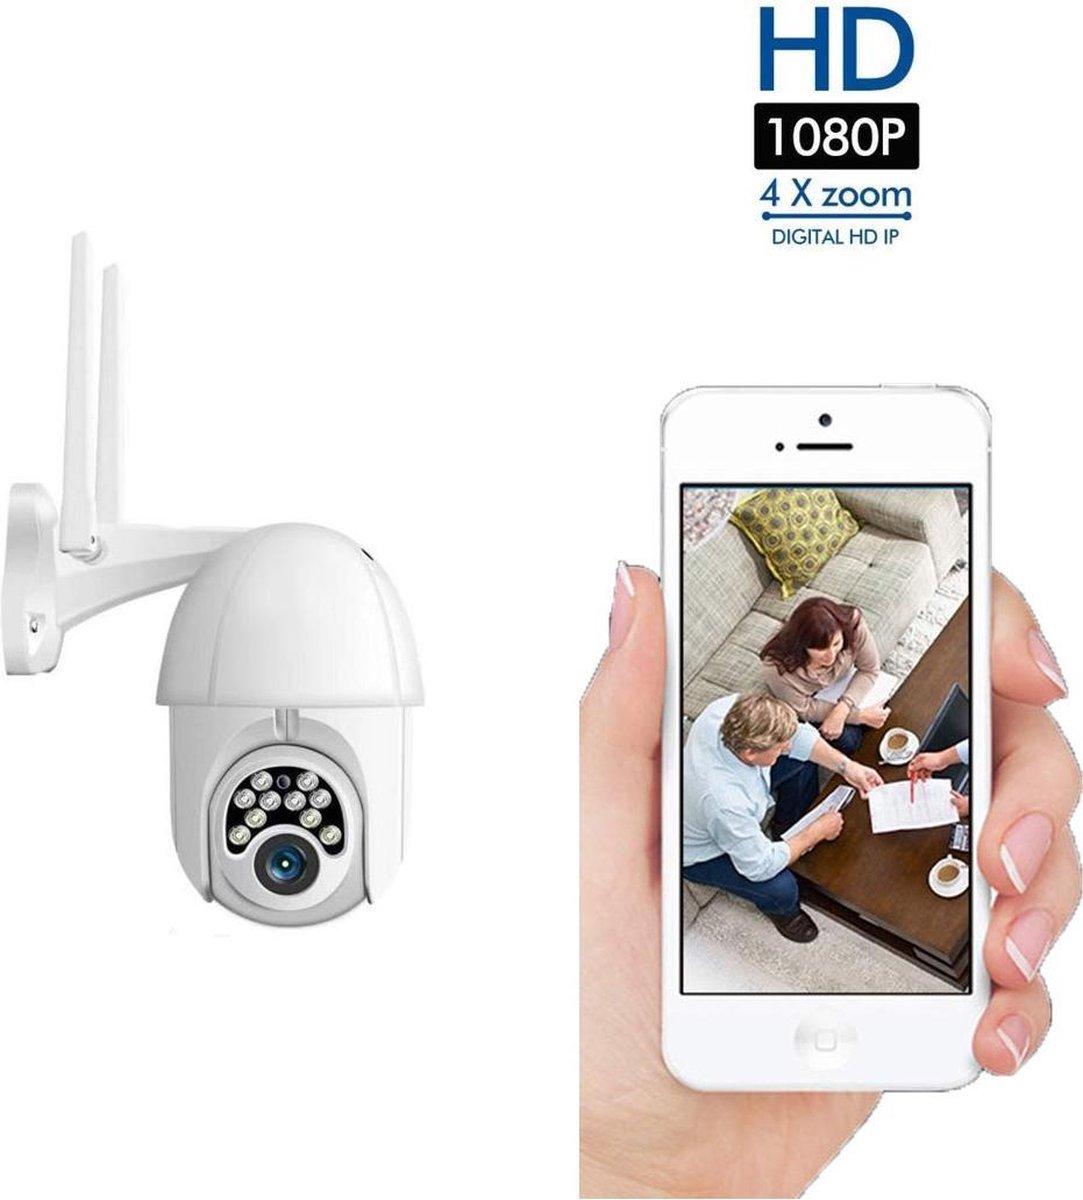 Beveiligingscamera - Waterdicht - 1080P - IP66 - Draai- en kantelbaar - Voor buiten